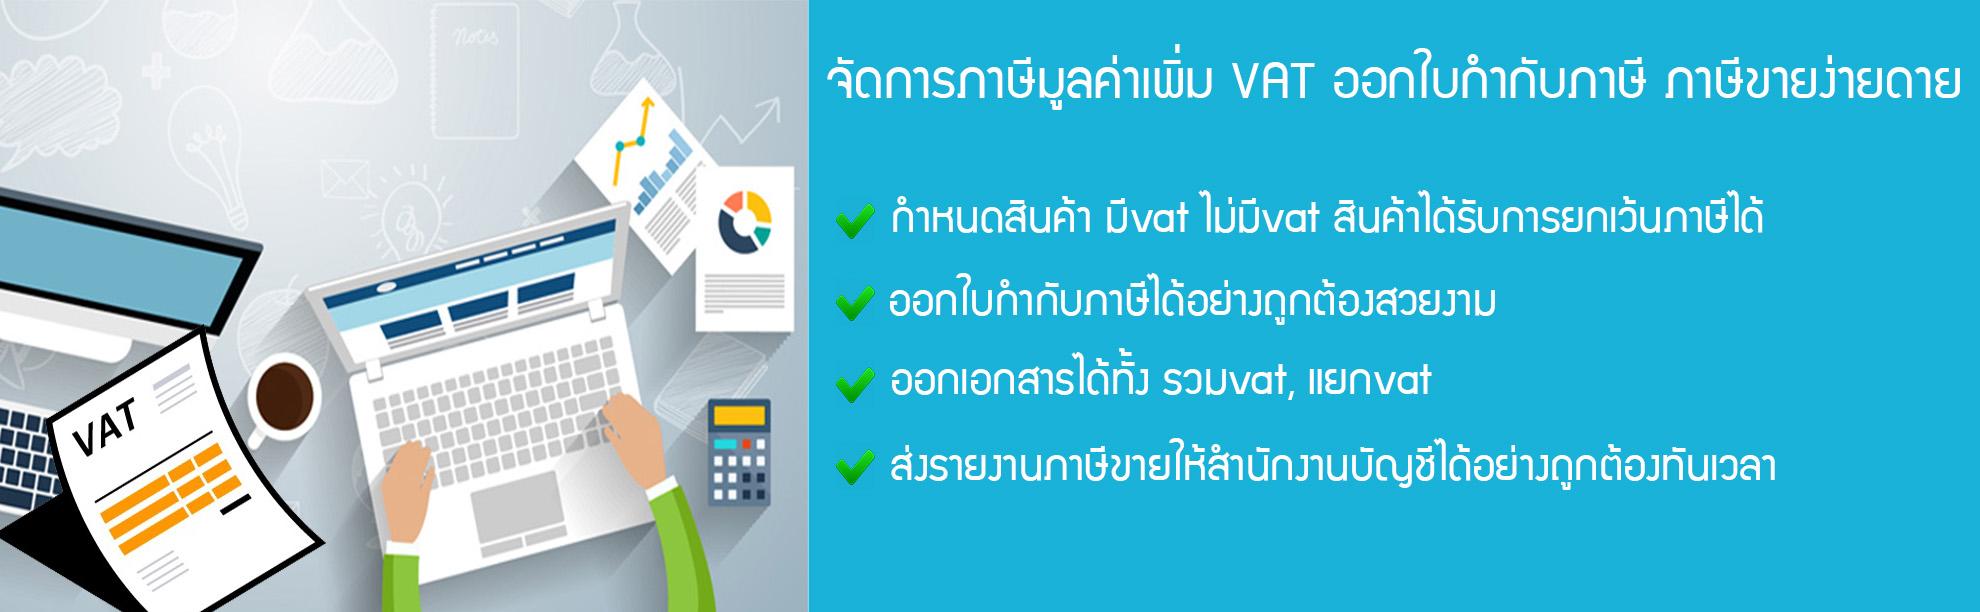 จัดการภาษี vat-ฟังก์ชั่นโปรแกรมบัญชี dmart